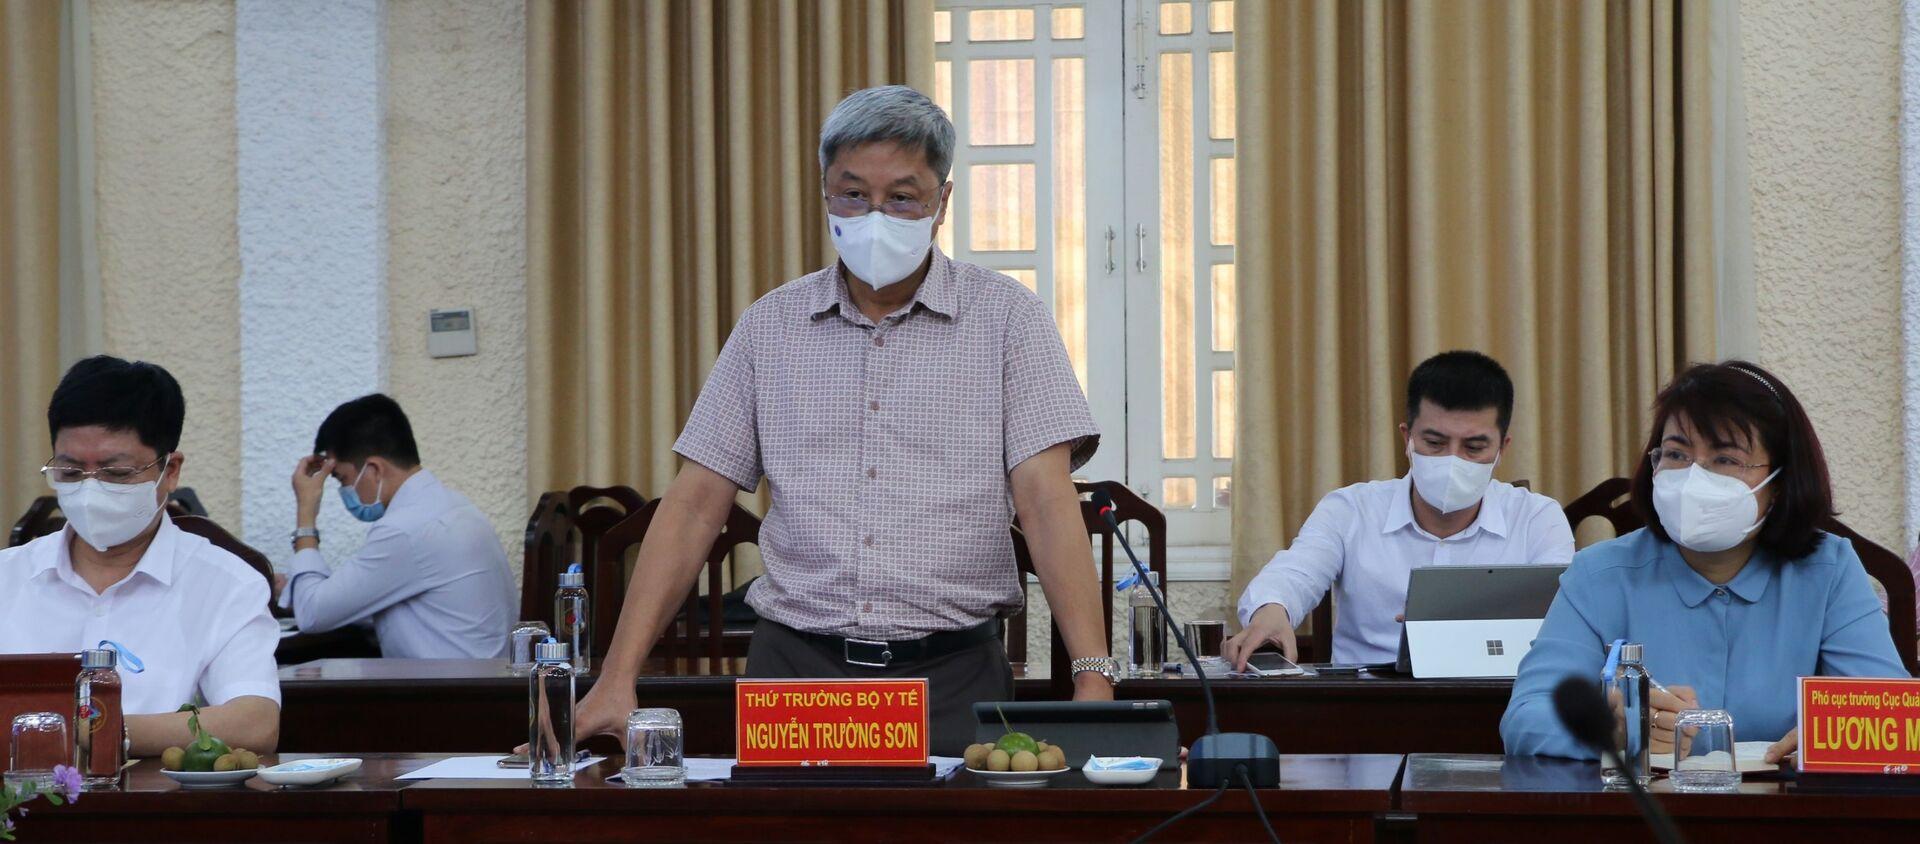 Thứ trưởng Bộ Y tế Nguyễn Trường Sơn phát biểu tại buổi làm việc - Sputnik Việt Nam, 1920, 10.09.2021